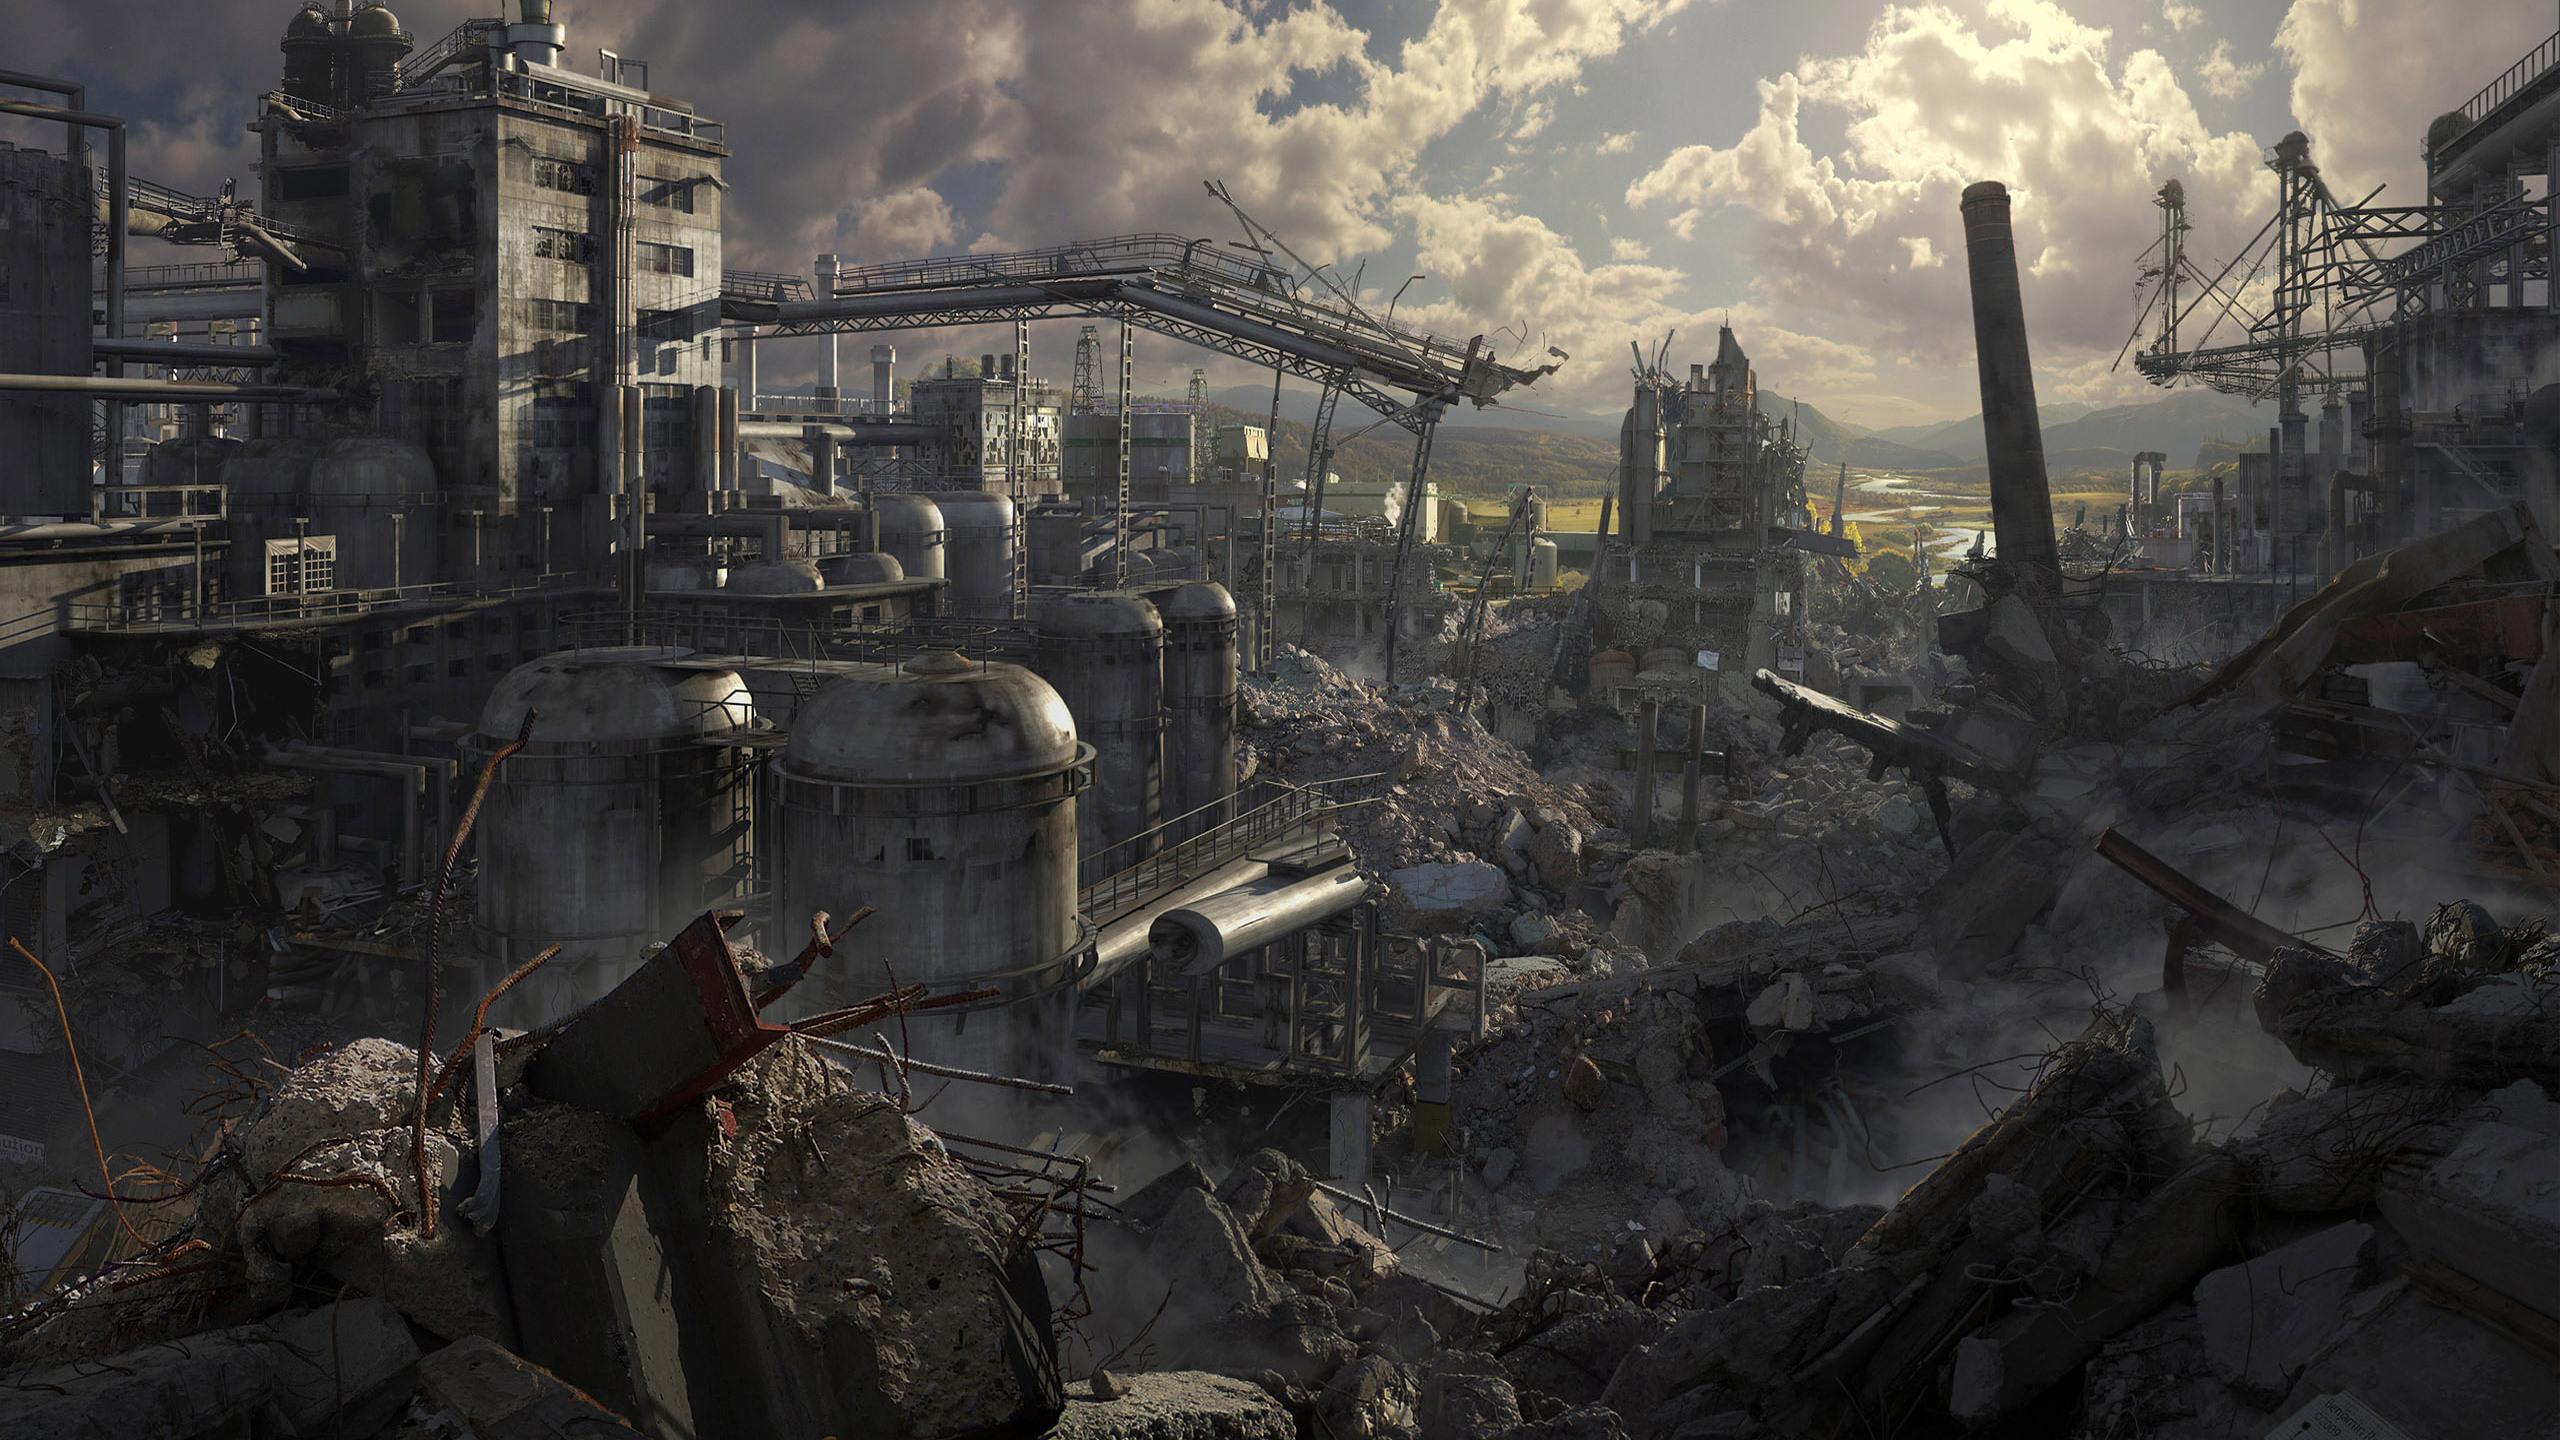 Nuclear war fallen misdirected gogo shag 7